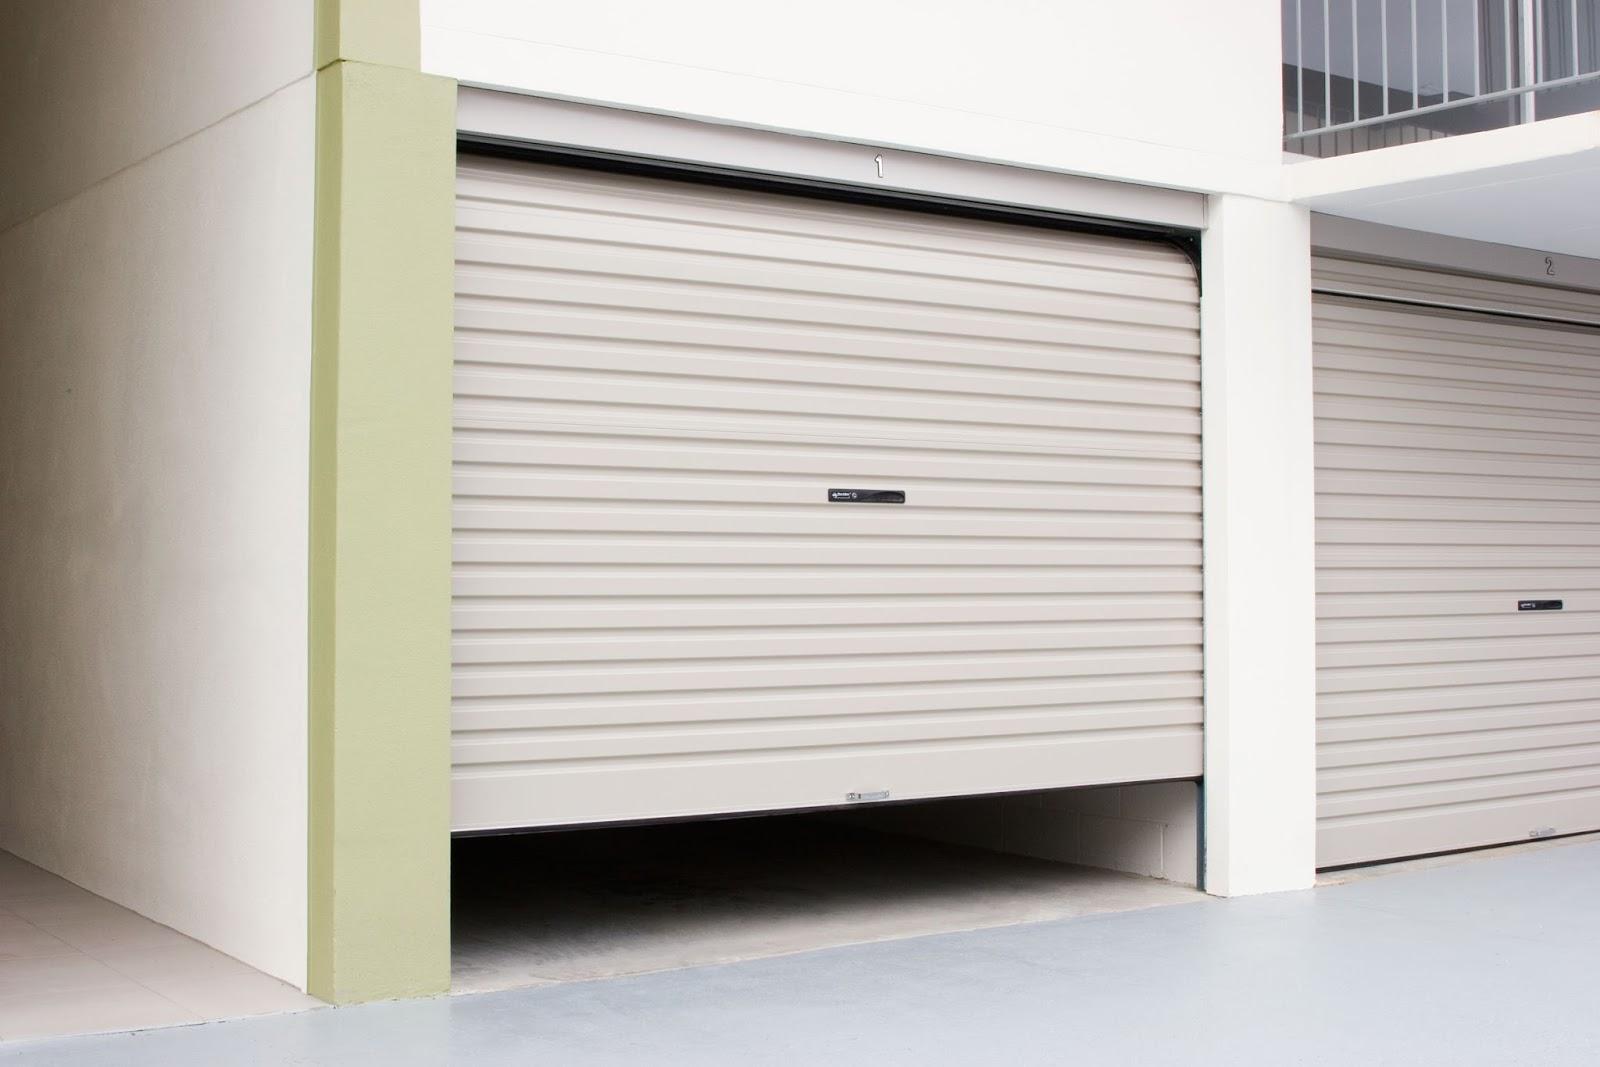 Sliding Garage Door Repair